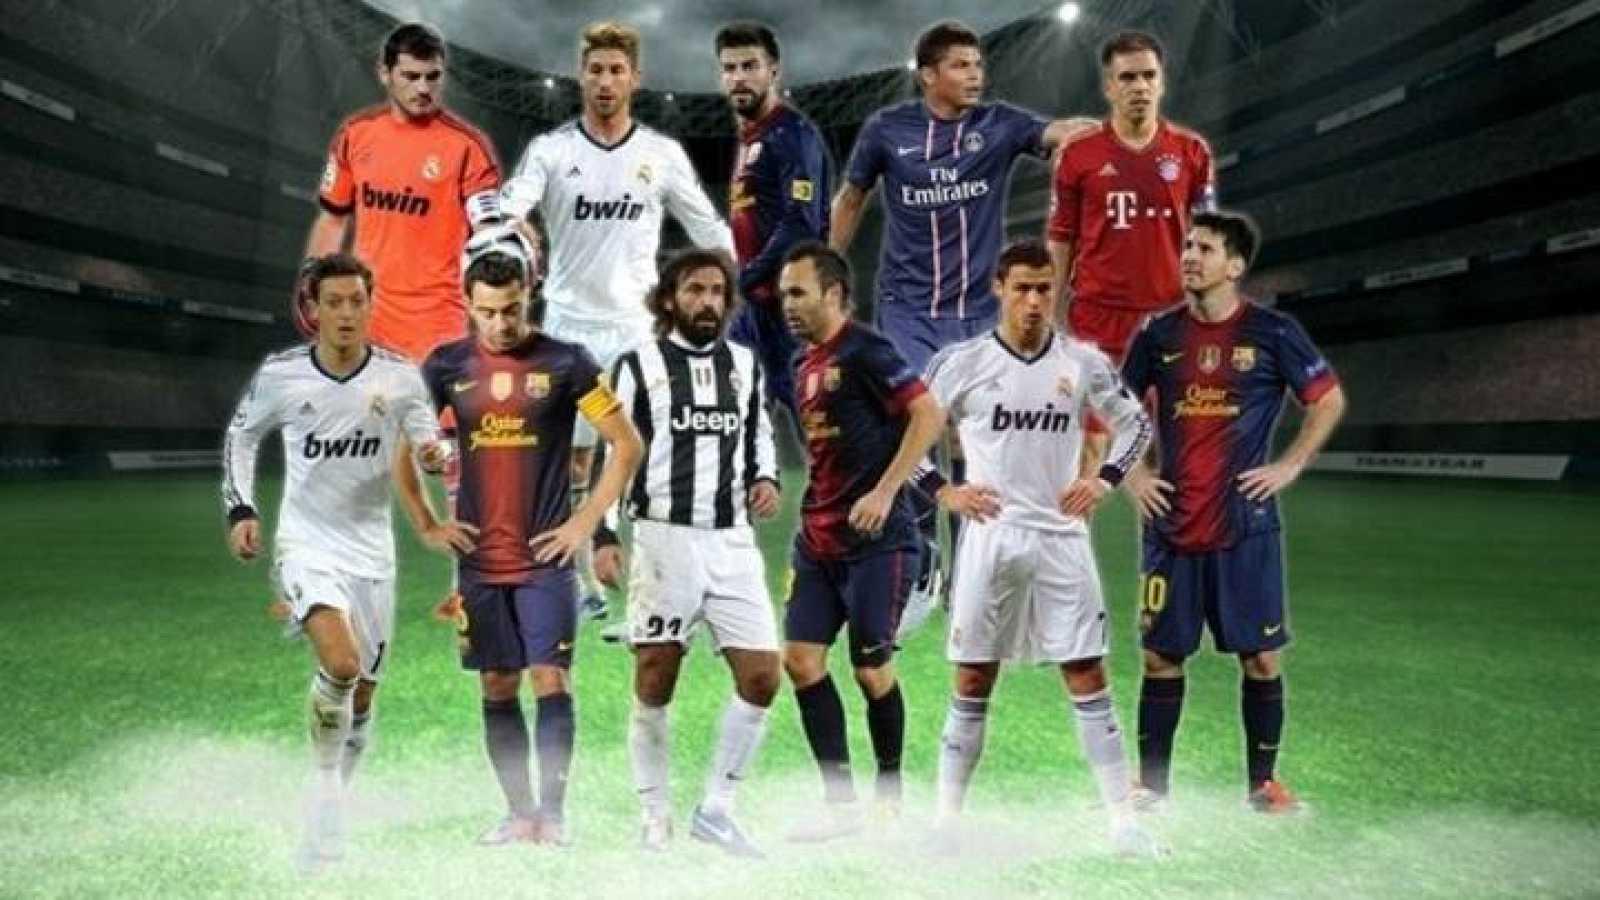 Futbol El Once Del Ano De La Uefa Tiene Cuatro Jugadores Del Barca